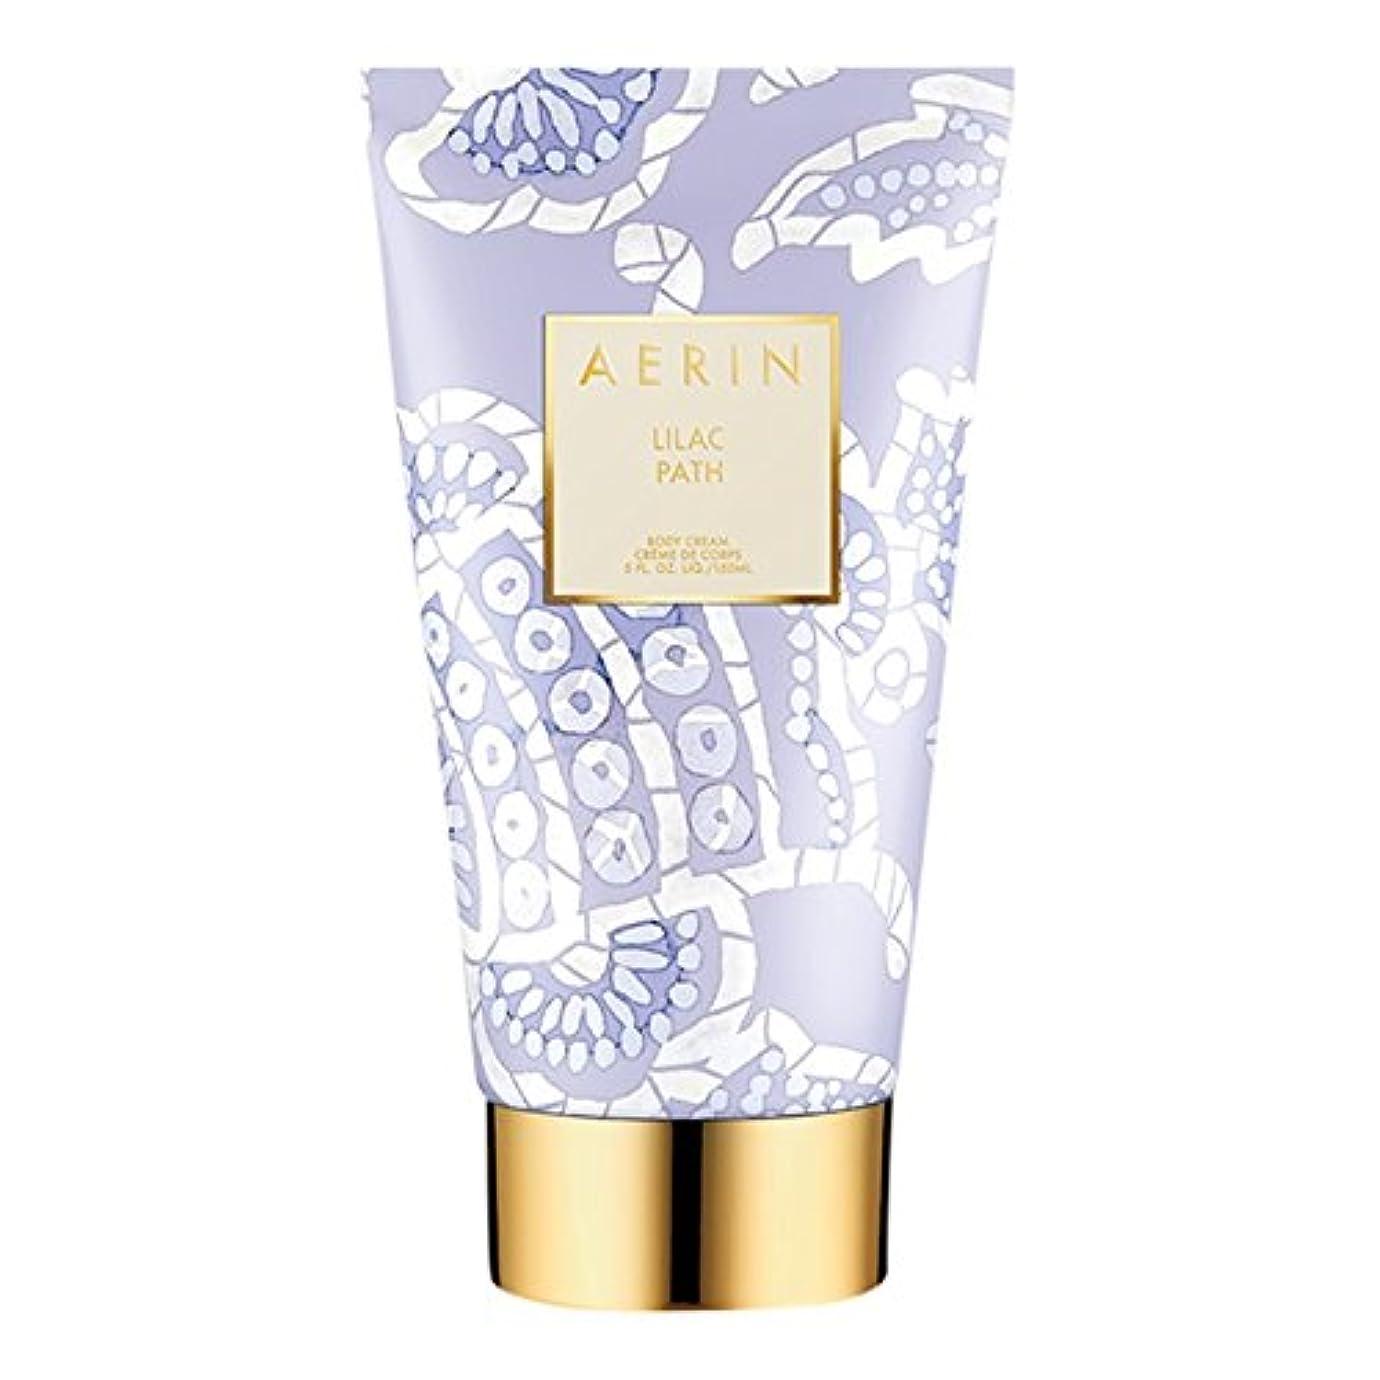 ジュニア取り囲む慢なAerinライラックパスボディクリーム150ミリリットル (AERIN) (x2) - AERIN Lilac Path Body Cream 150ml (Pack of 2) [並行輸入品]